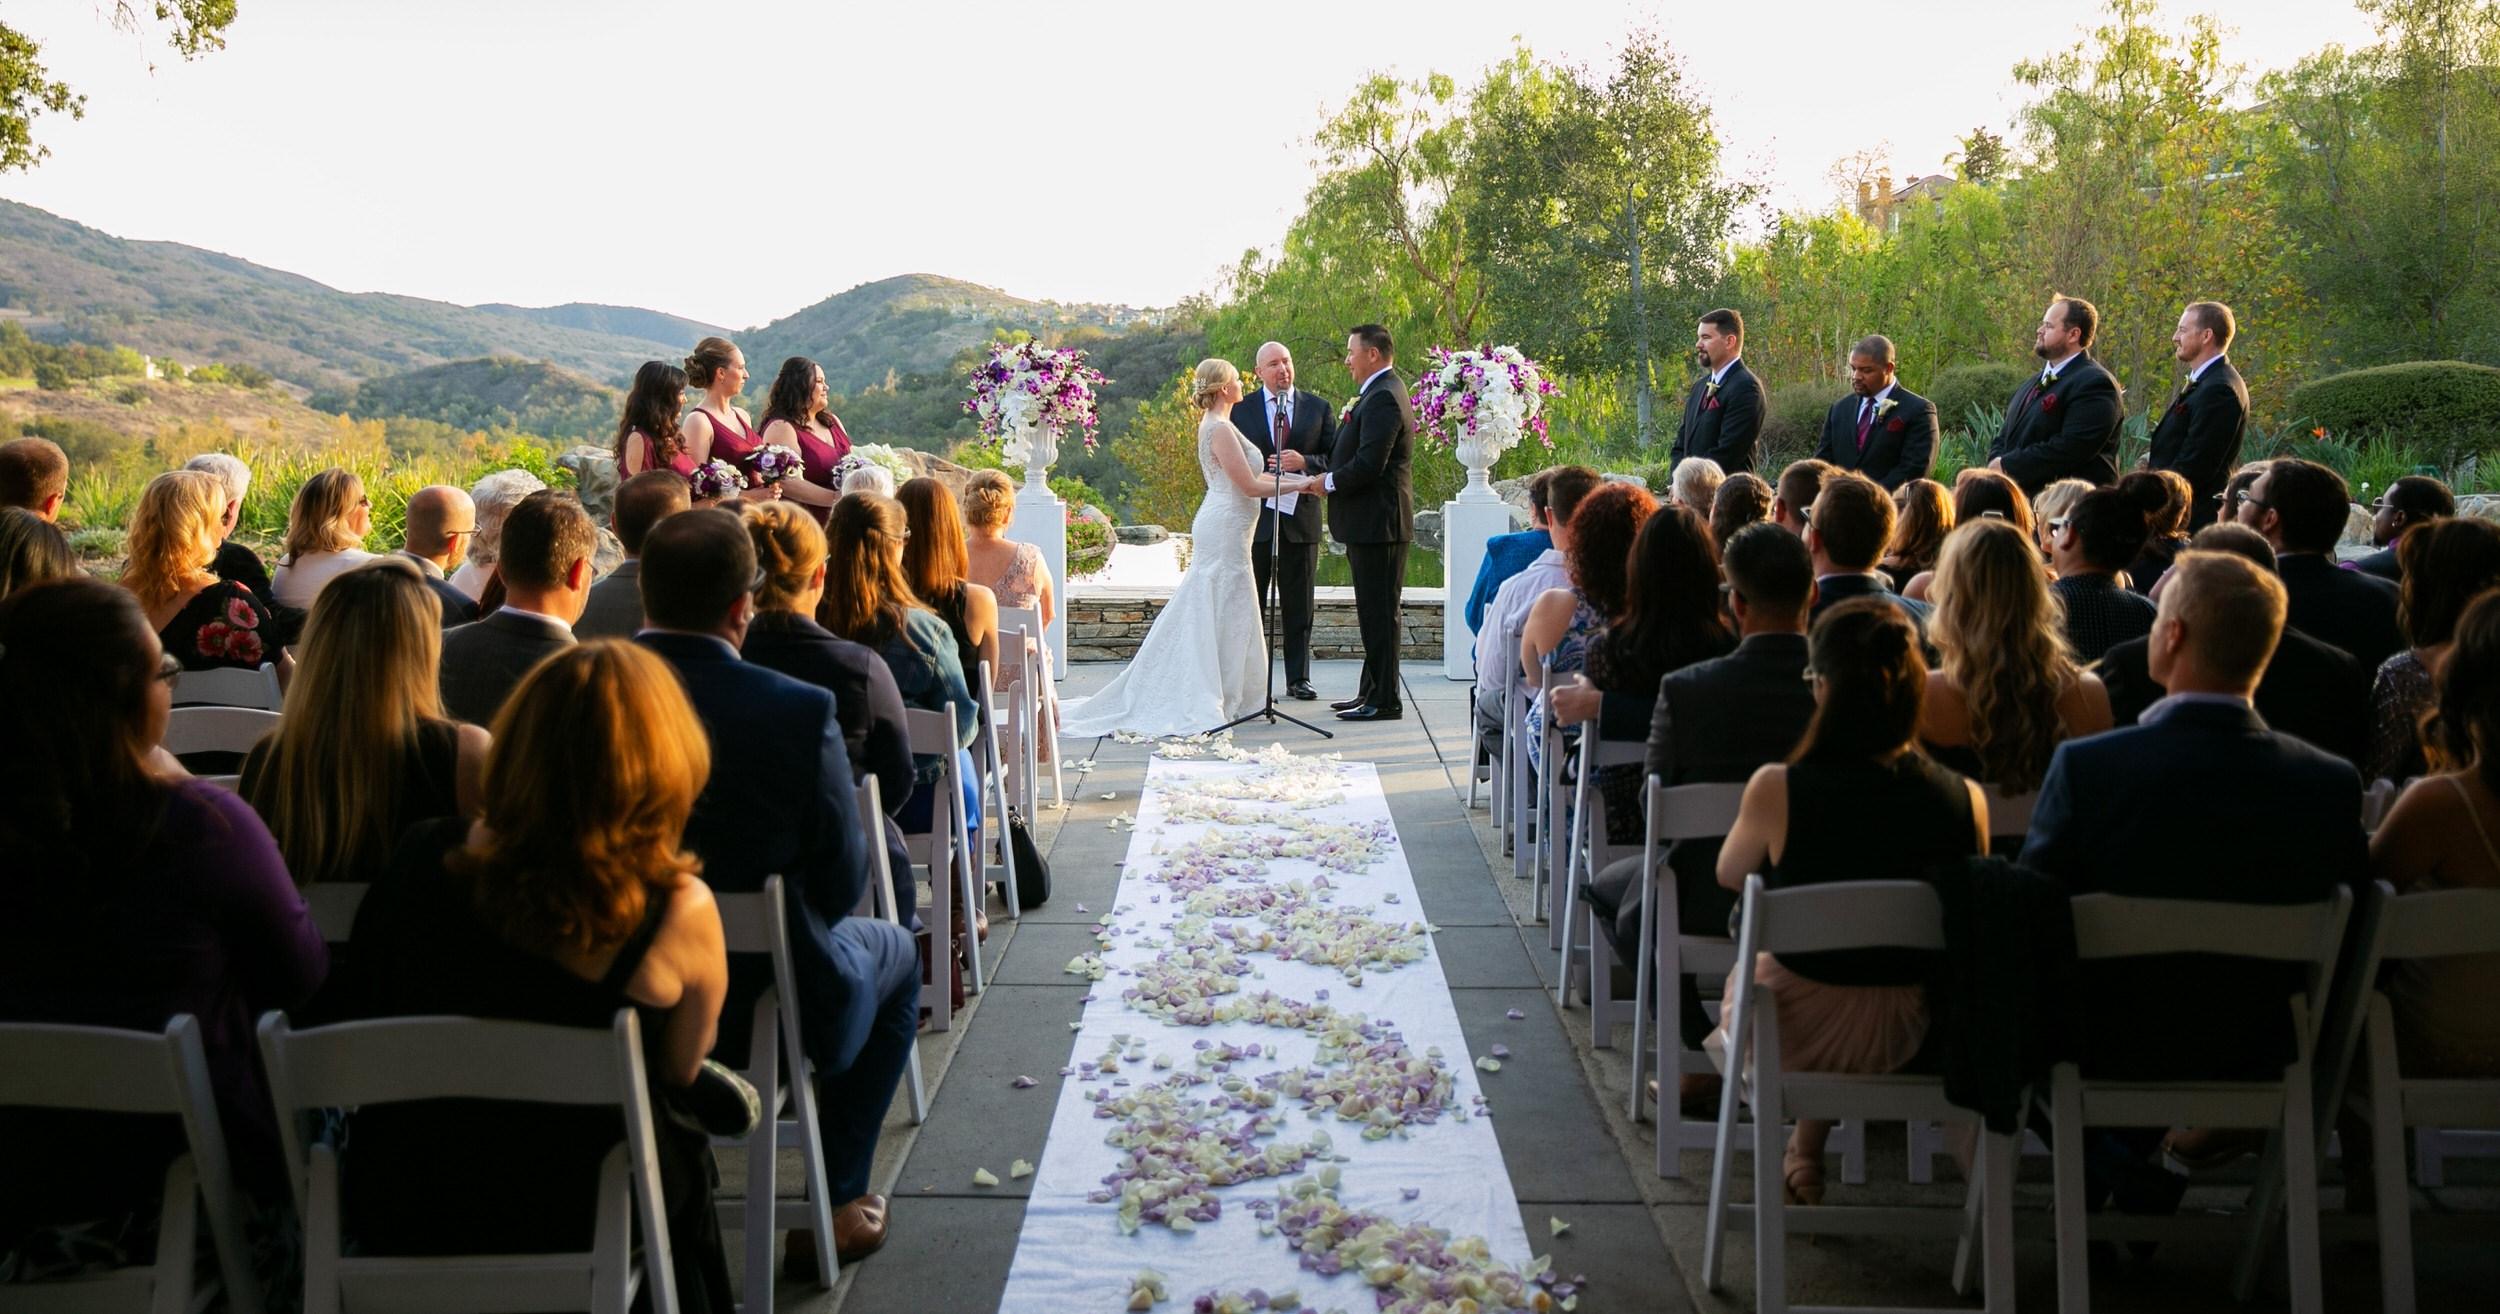 Dove-Canyon-Golf-Club-Outdoor-wedding